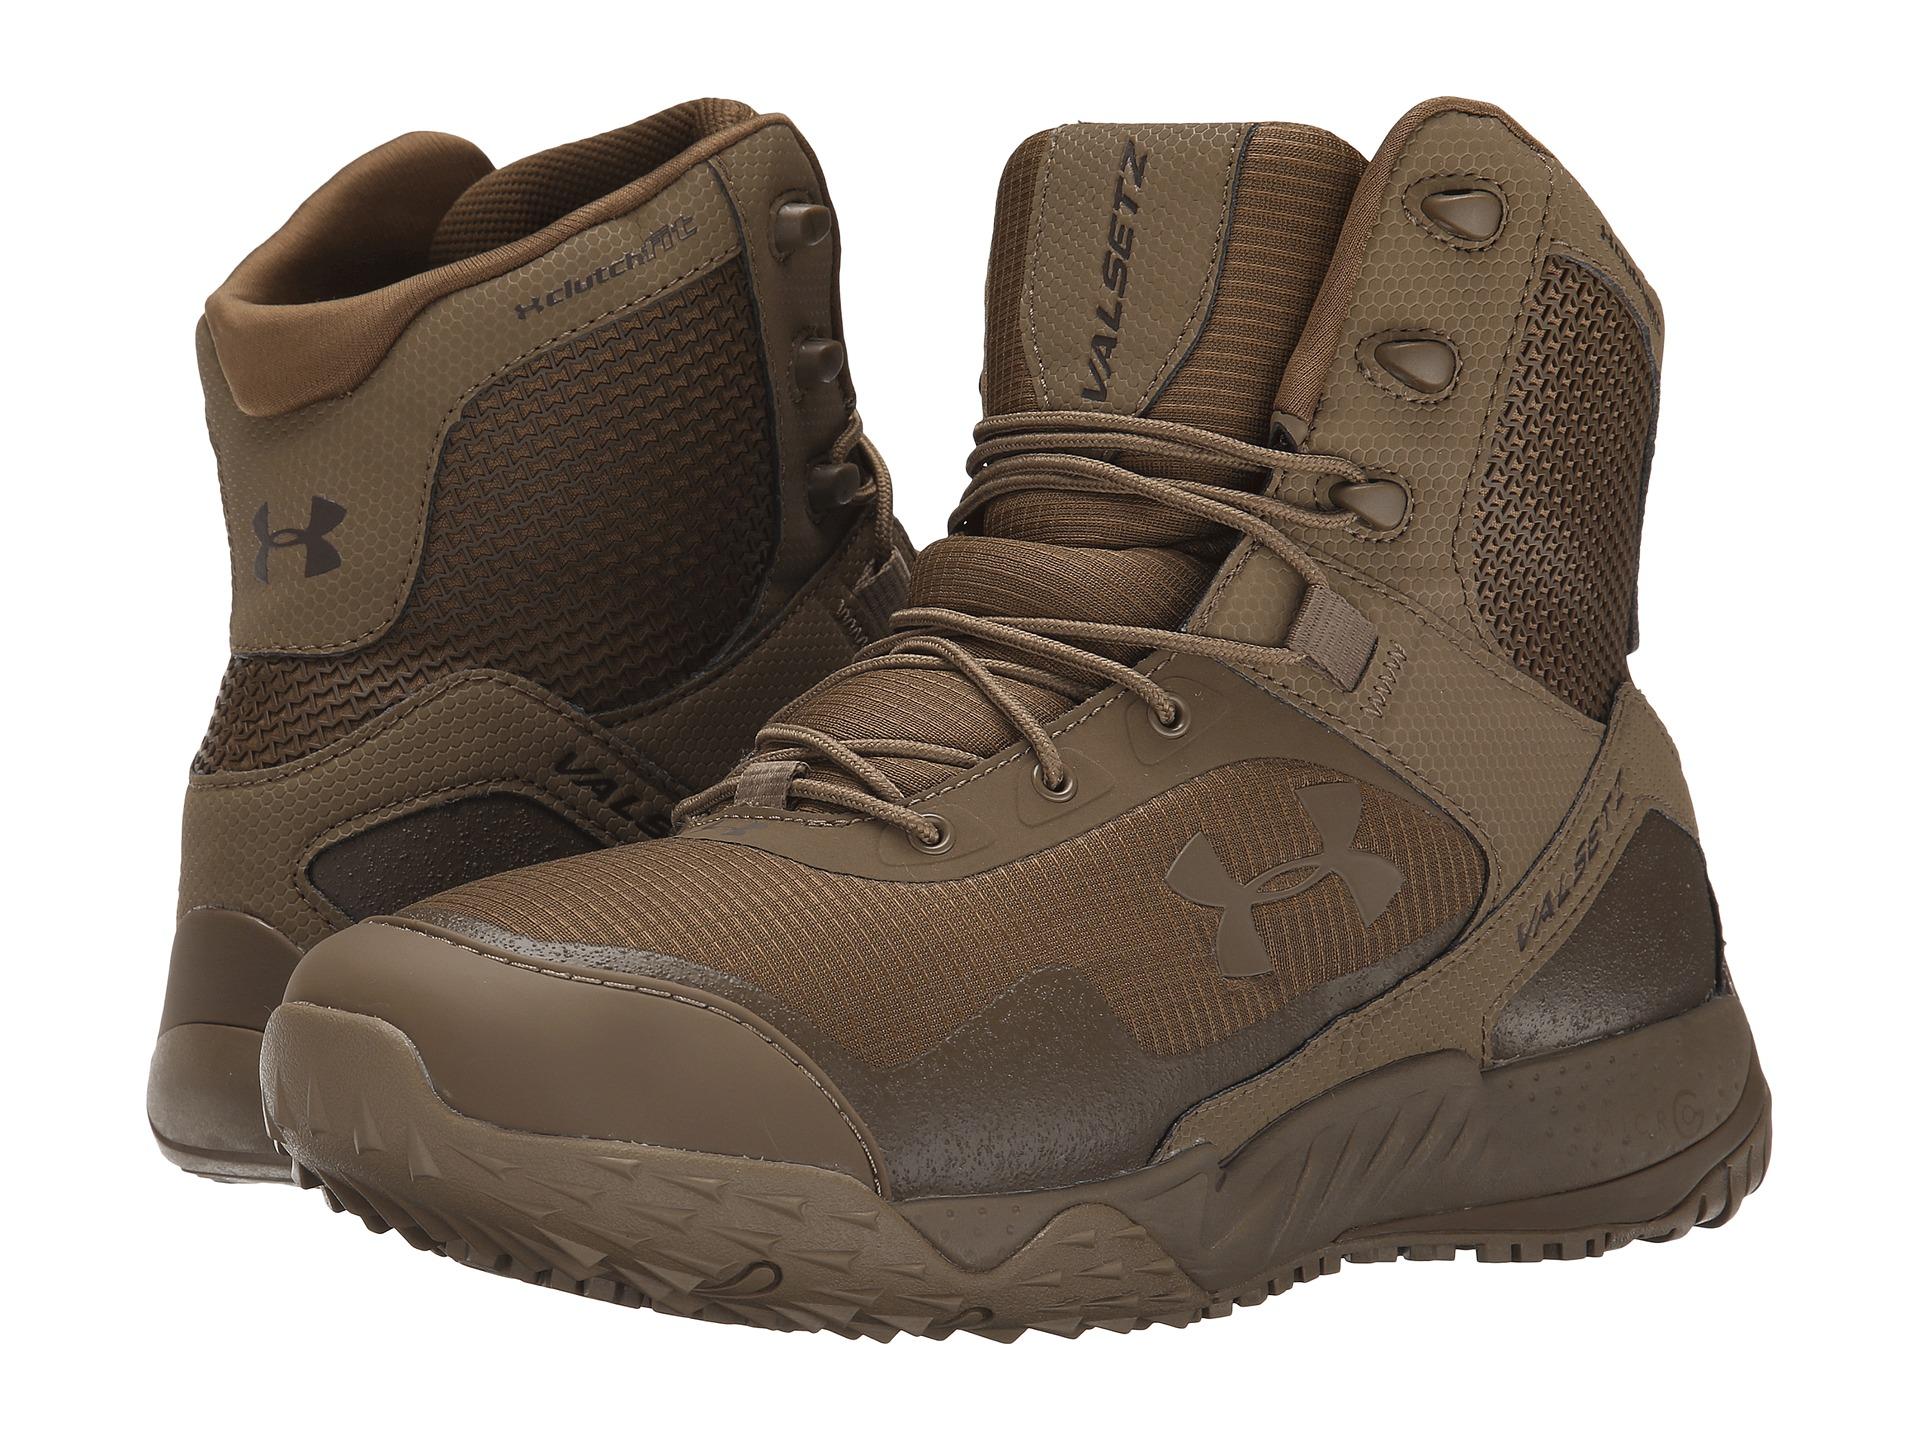 נעליים טקטיות אנדר ארמור UA Valsetz RTS חום גבוה